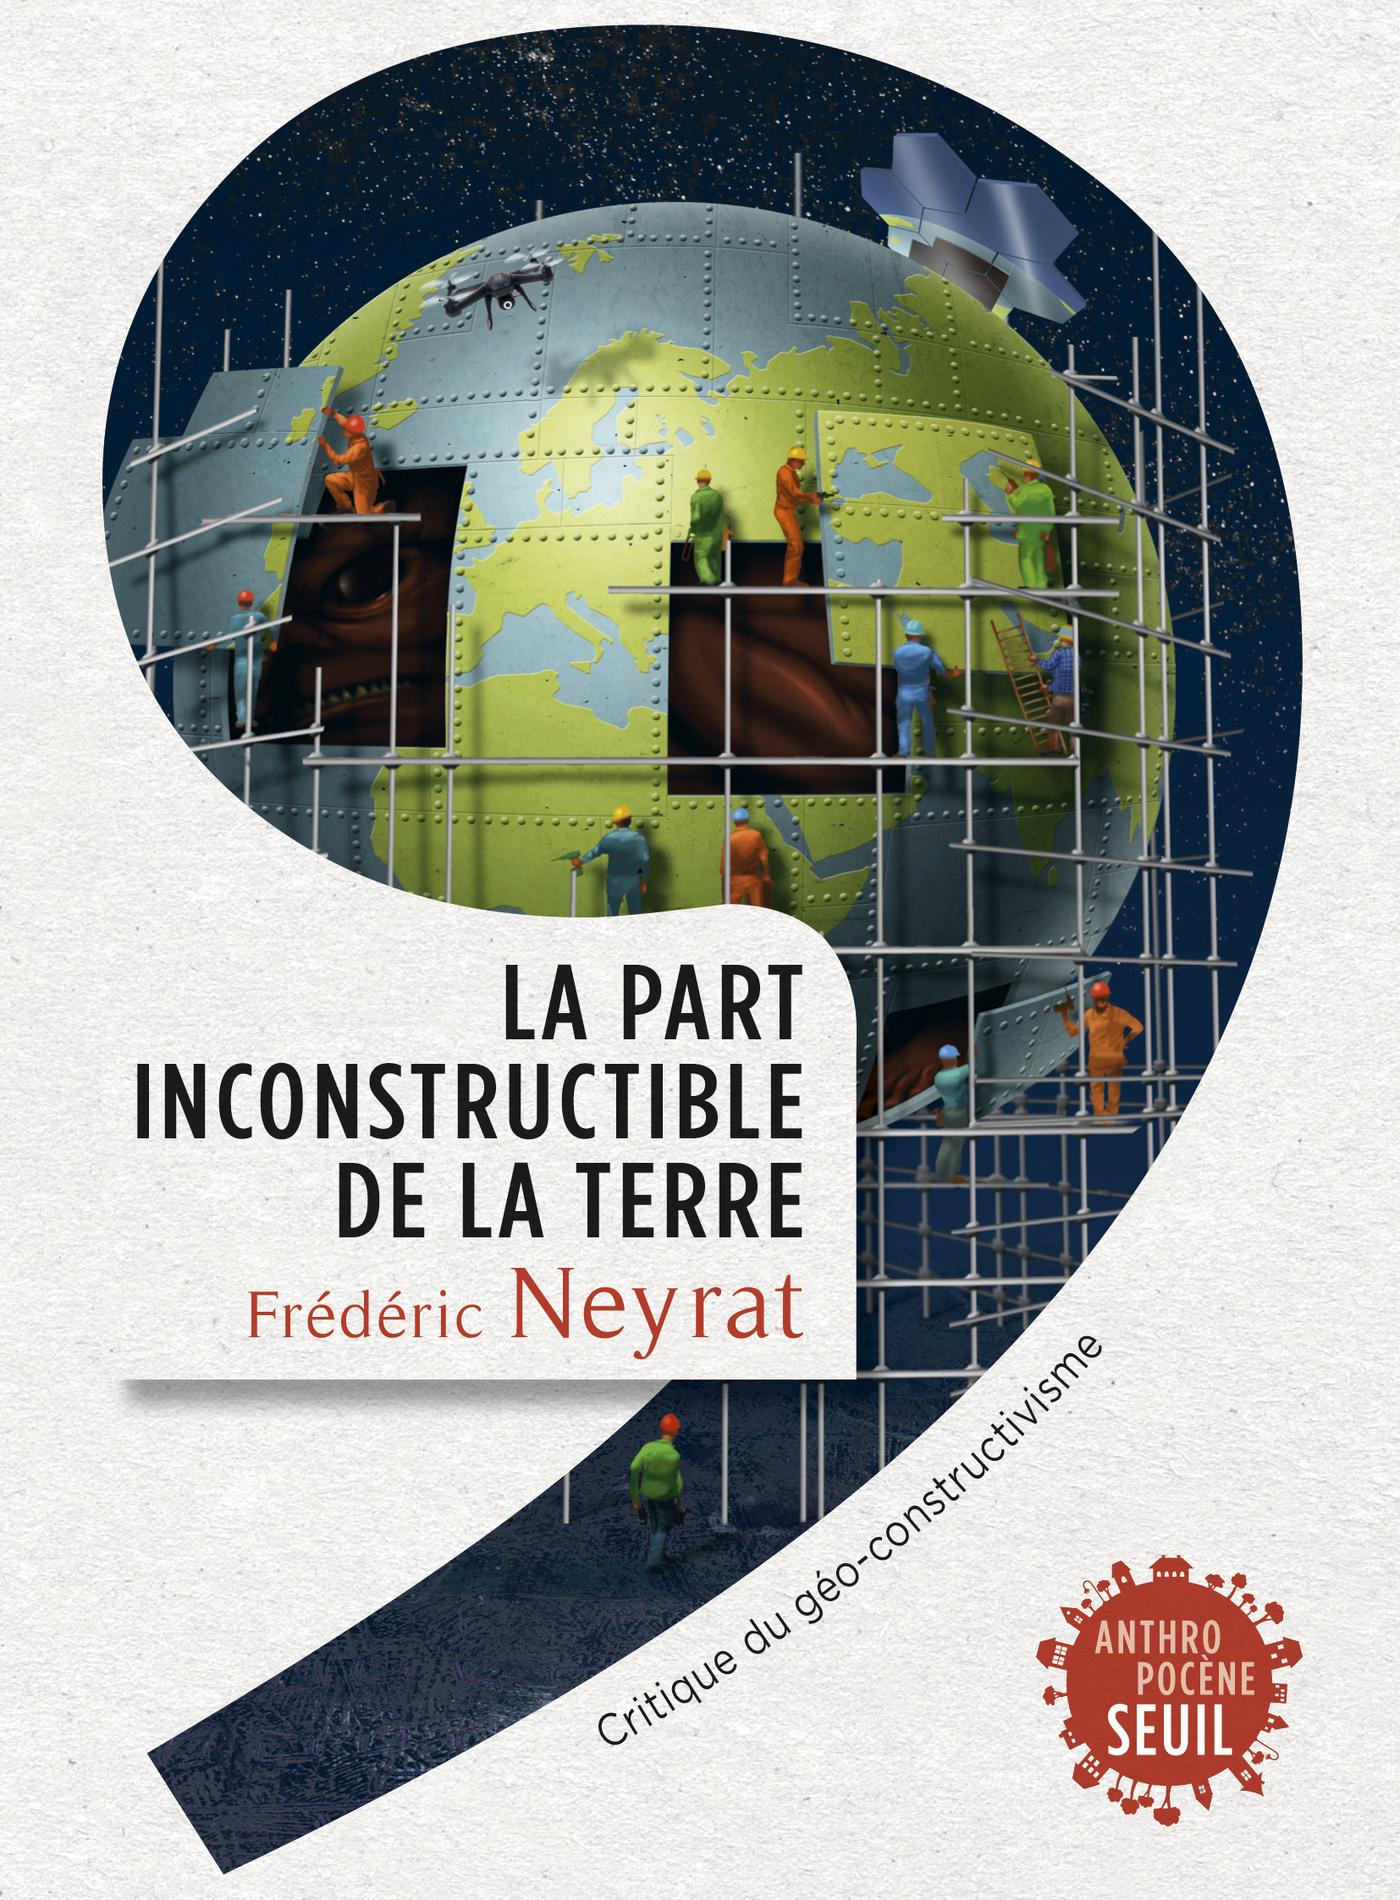 La Part inconstructible de la Terre. Critique du géo-constructivisme | Neyrat, Frédéric